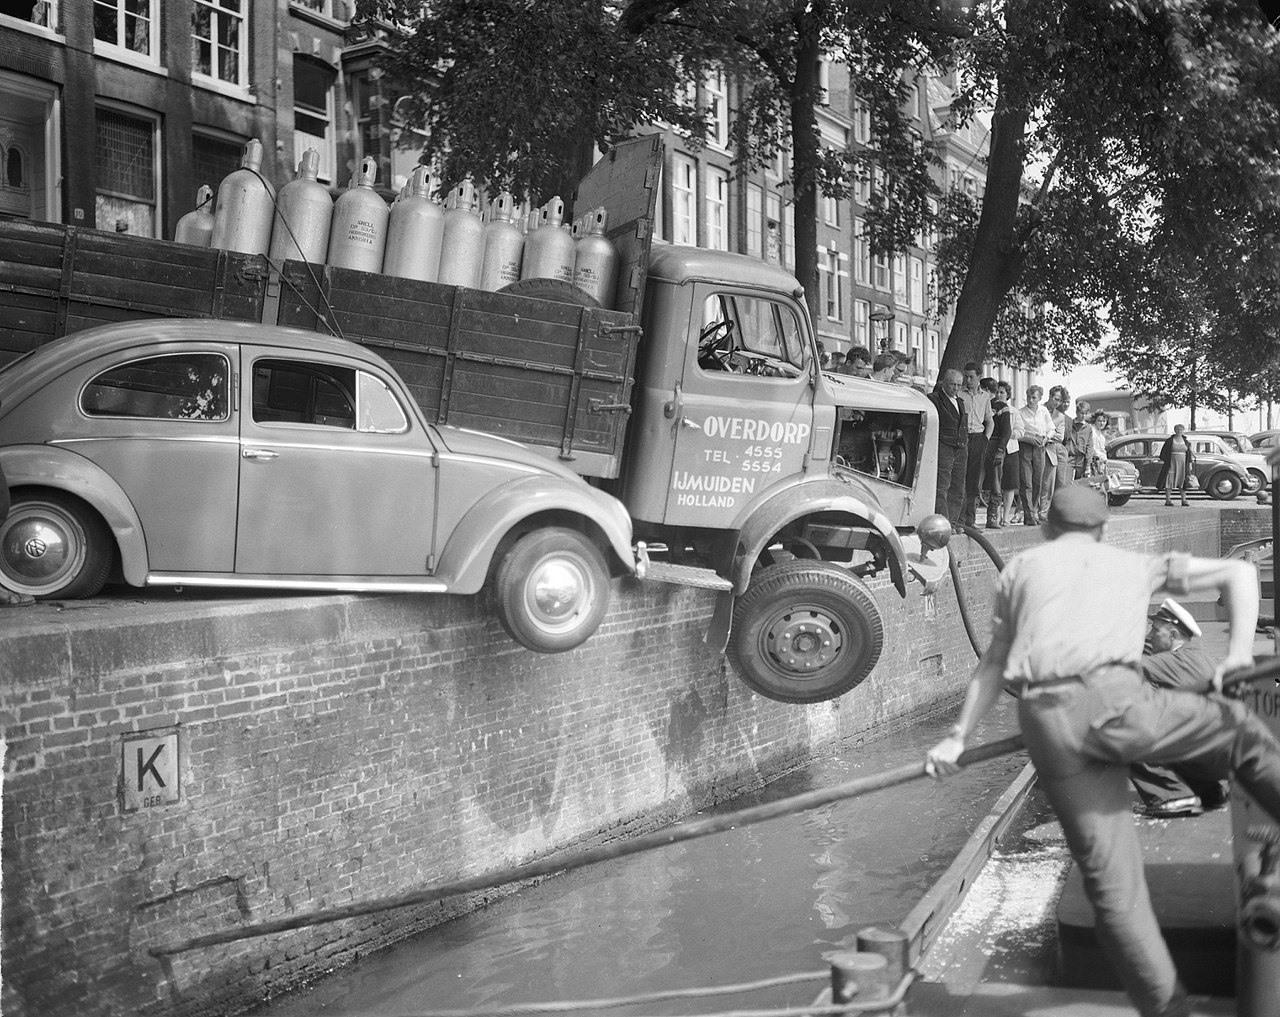 Henschel-in-Problemen-in-Amsterdam